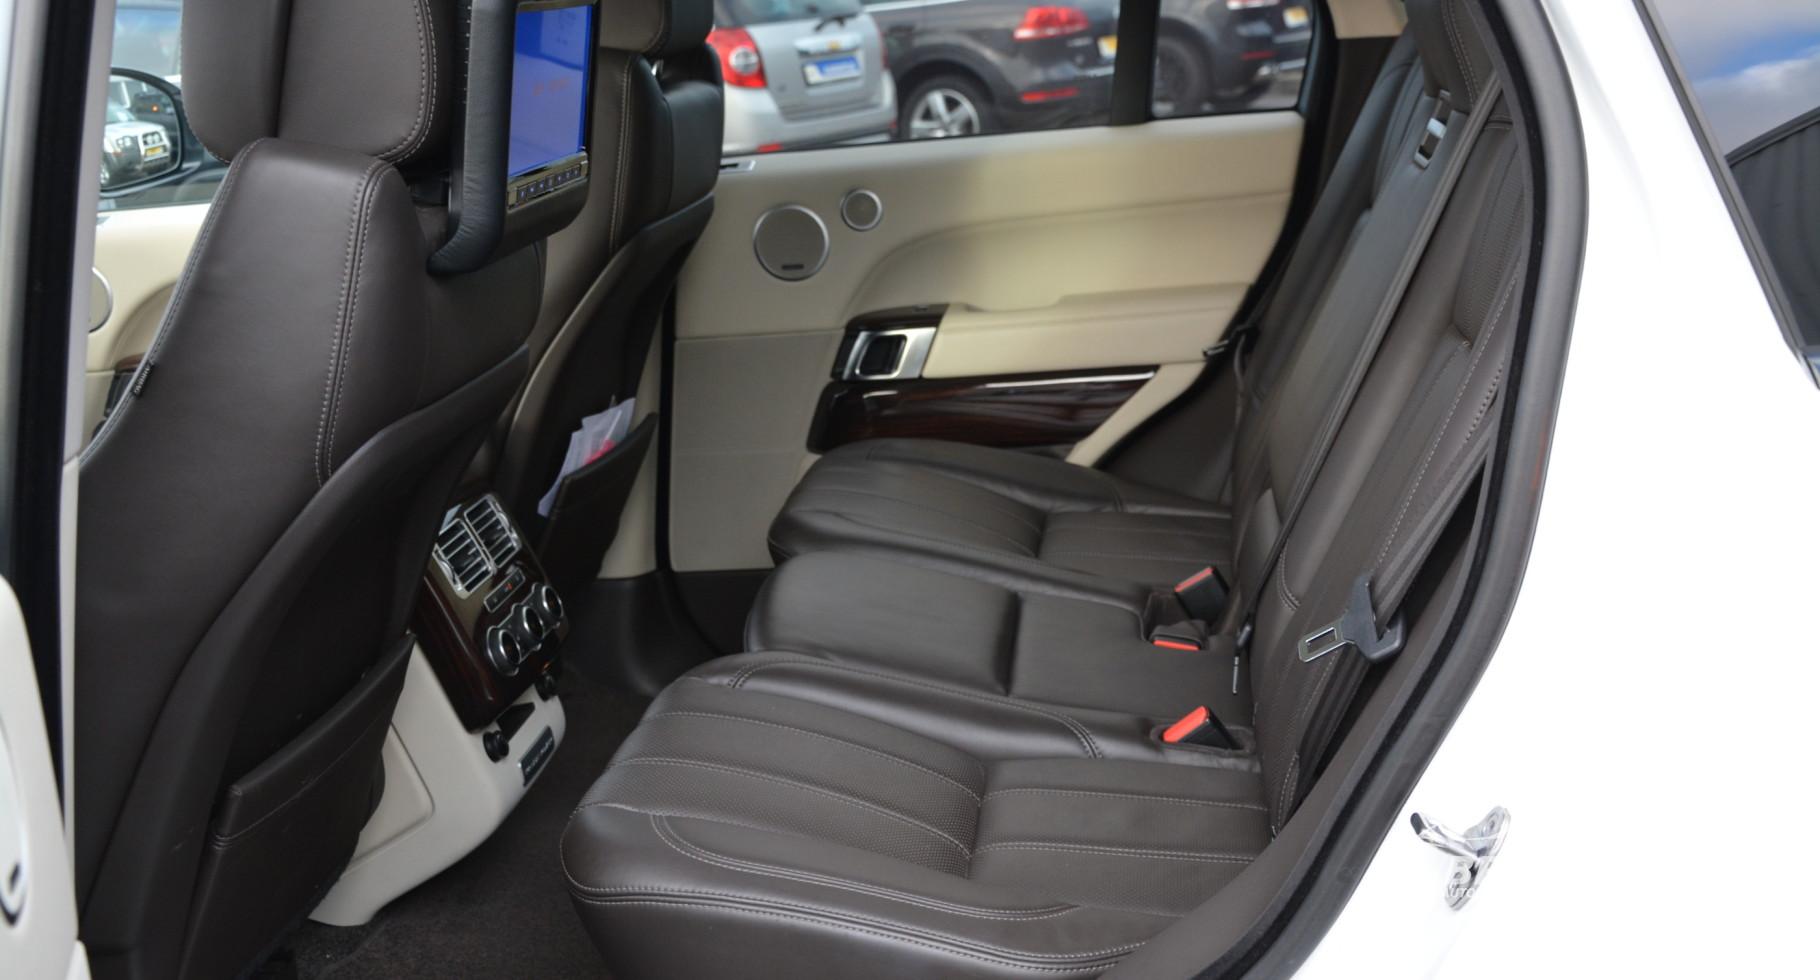 Land-Rover Range Rover 4.4SDV8 VOGUE Automatas